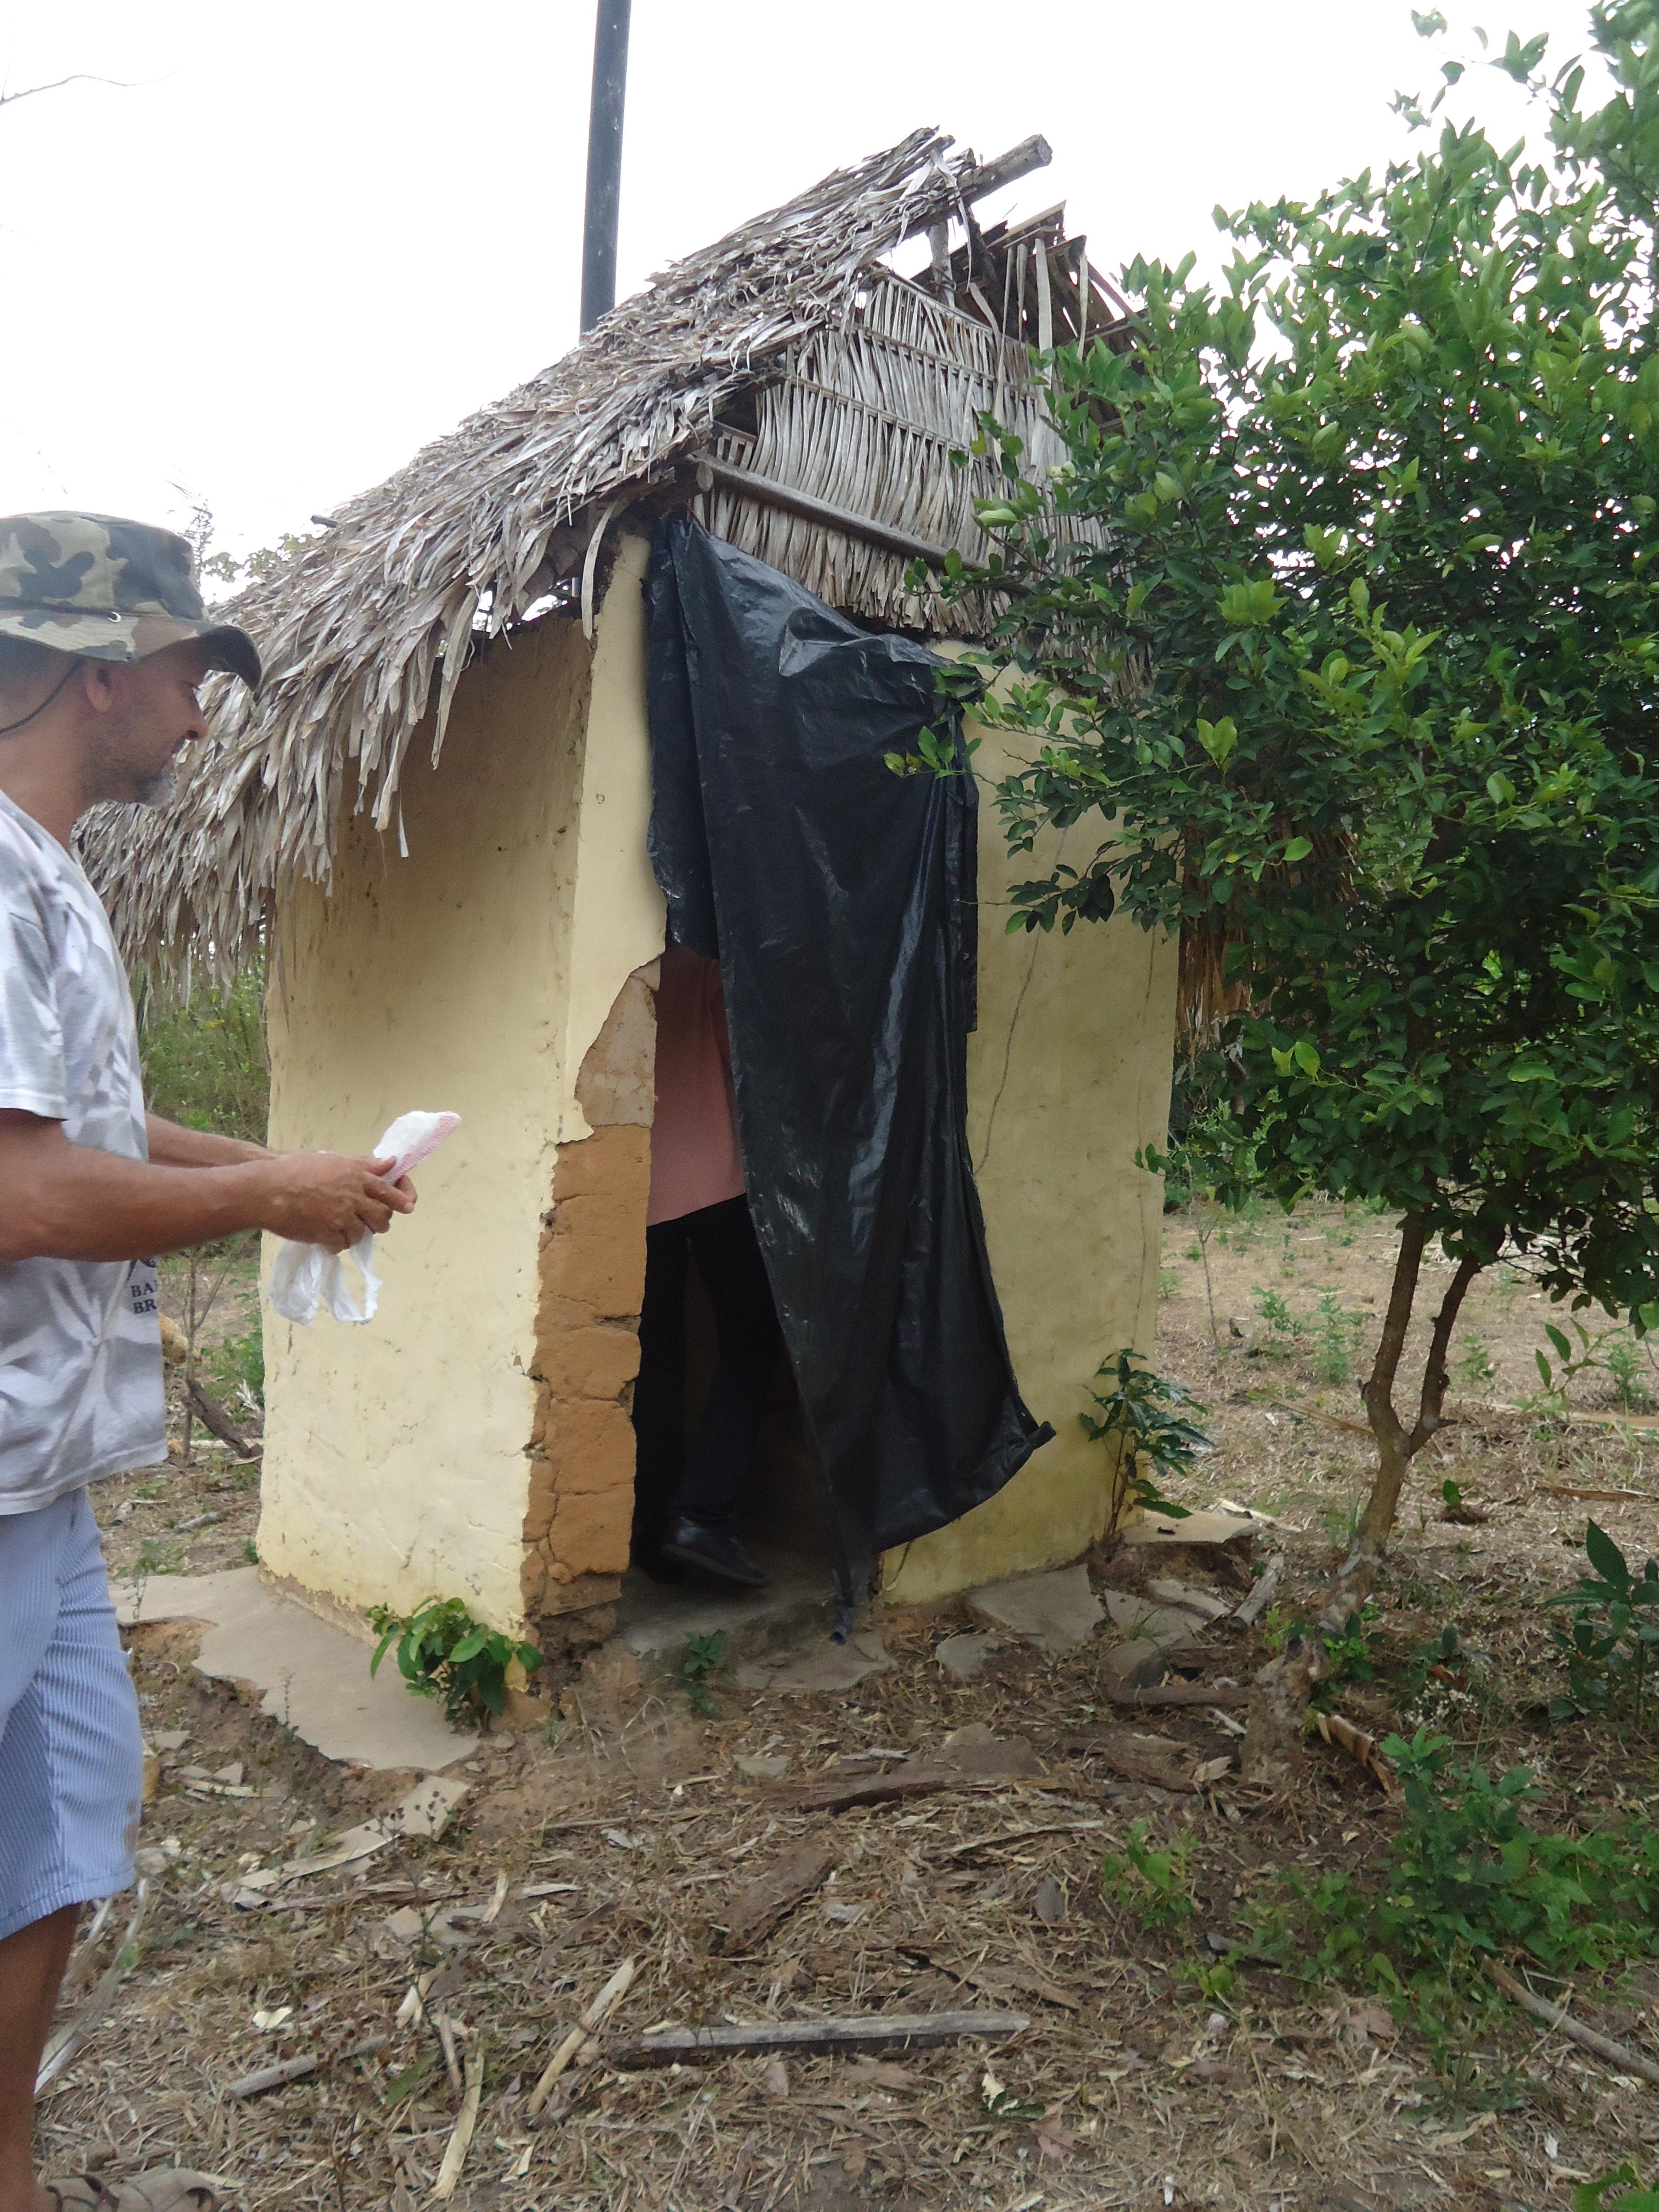 Projeto de banheiro alternativo construído no Panakuí é publicado  #476238 3240 4320